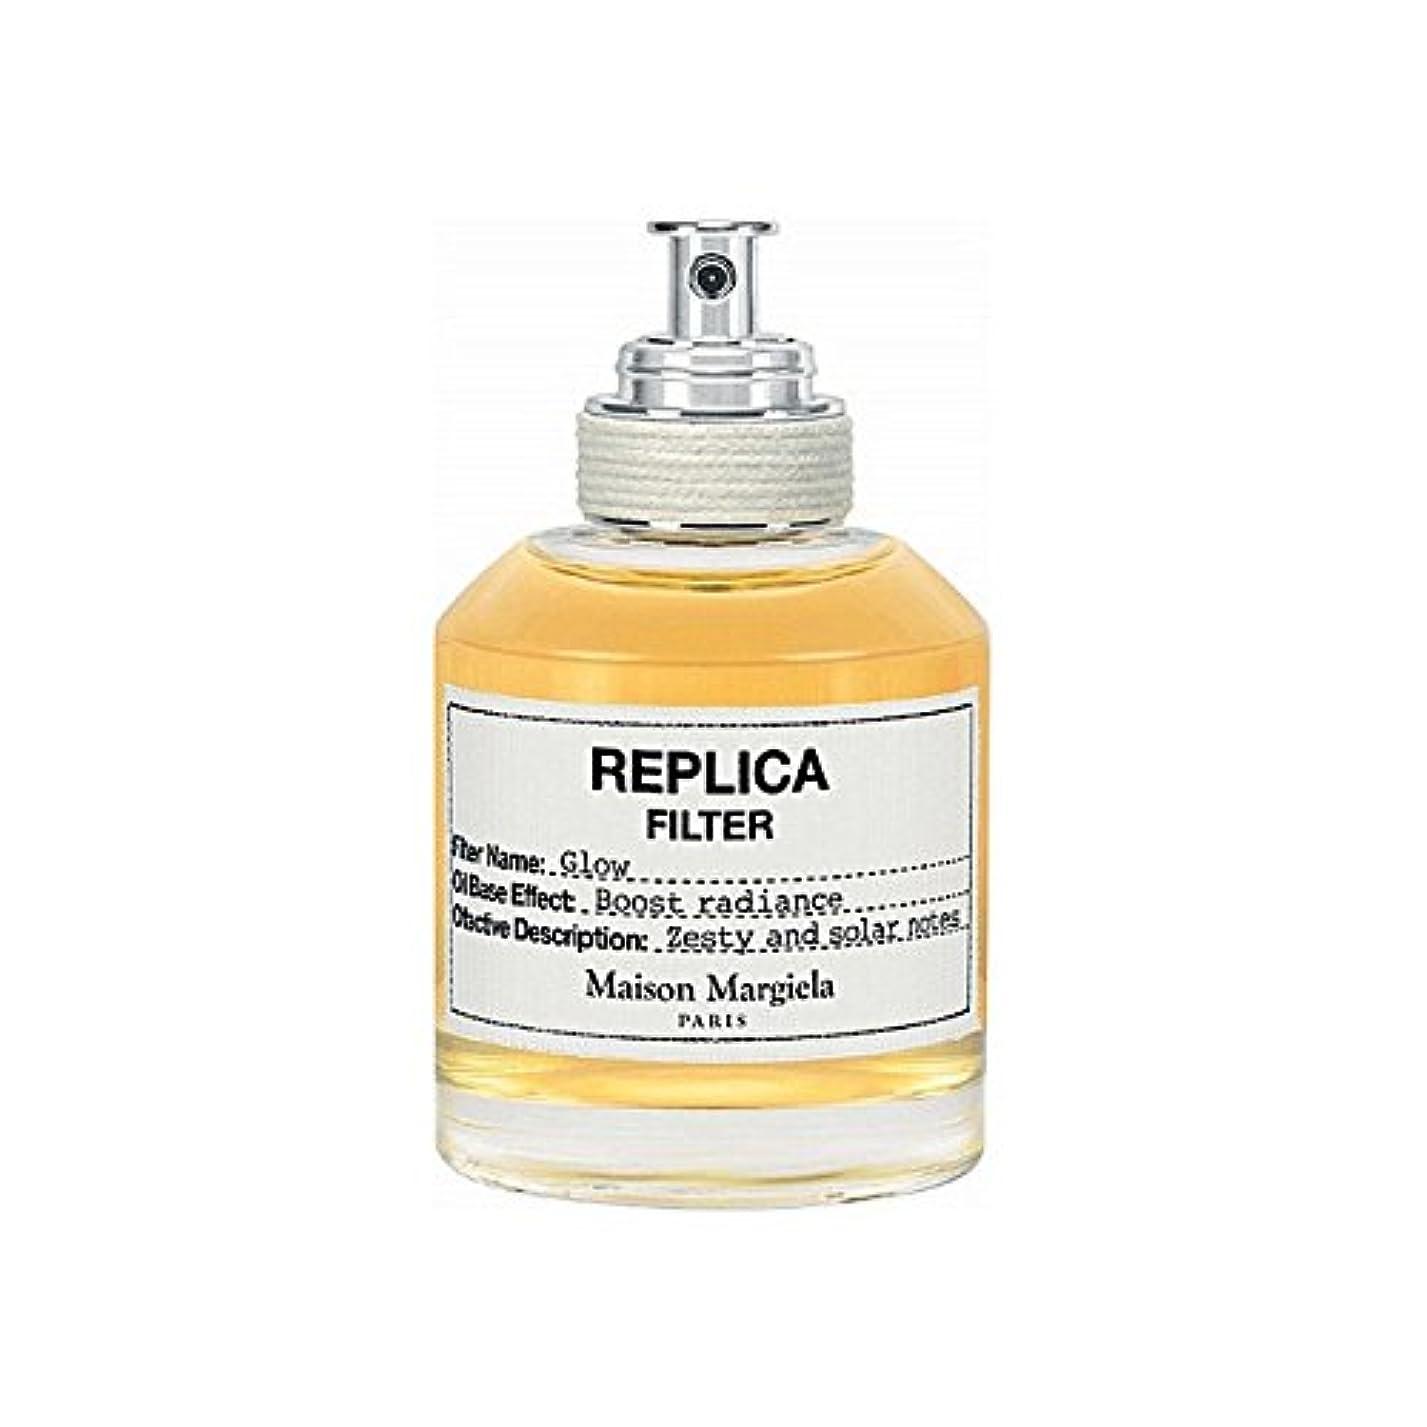 うそつき香水谷Maison Margiela Glow Replica Filter 50ml - メゾンマルジェラグローレプリカフィルタ50ミリリットル [並行輸入品]